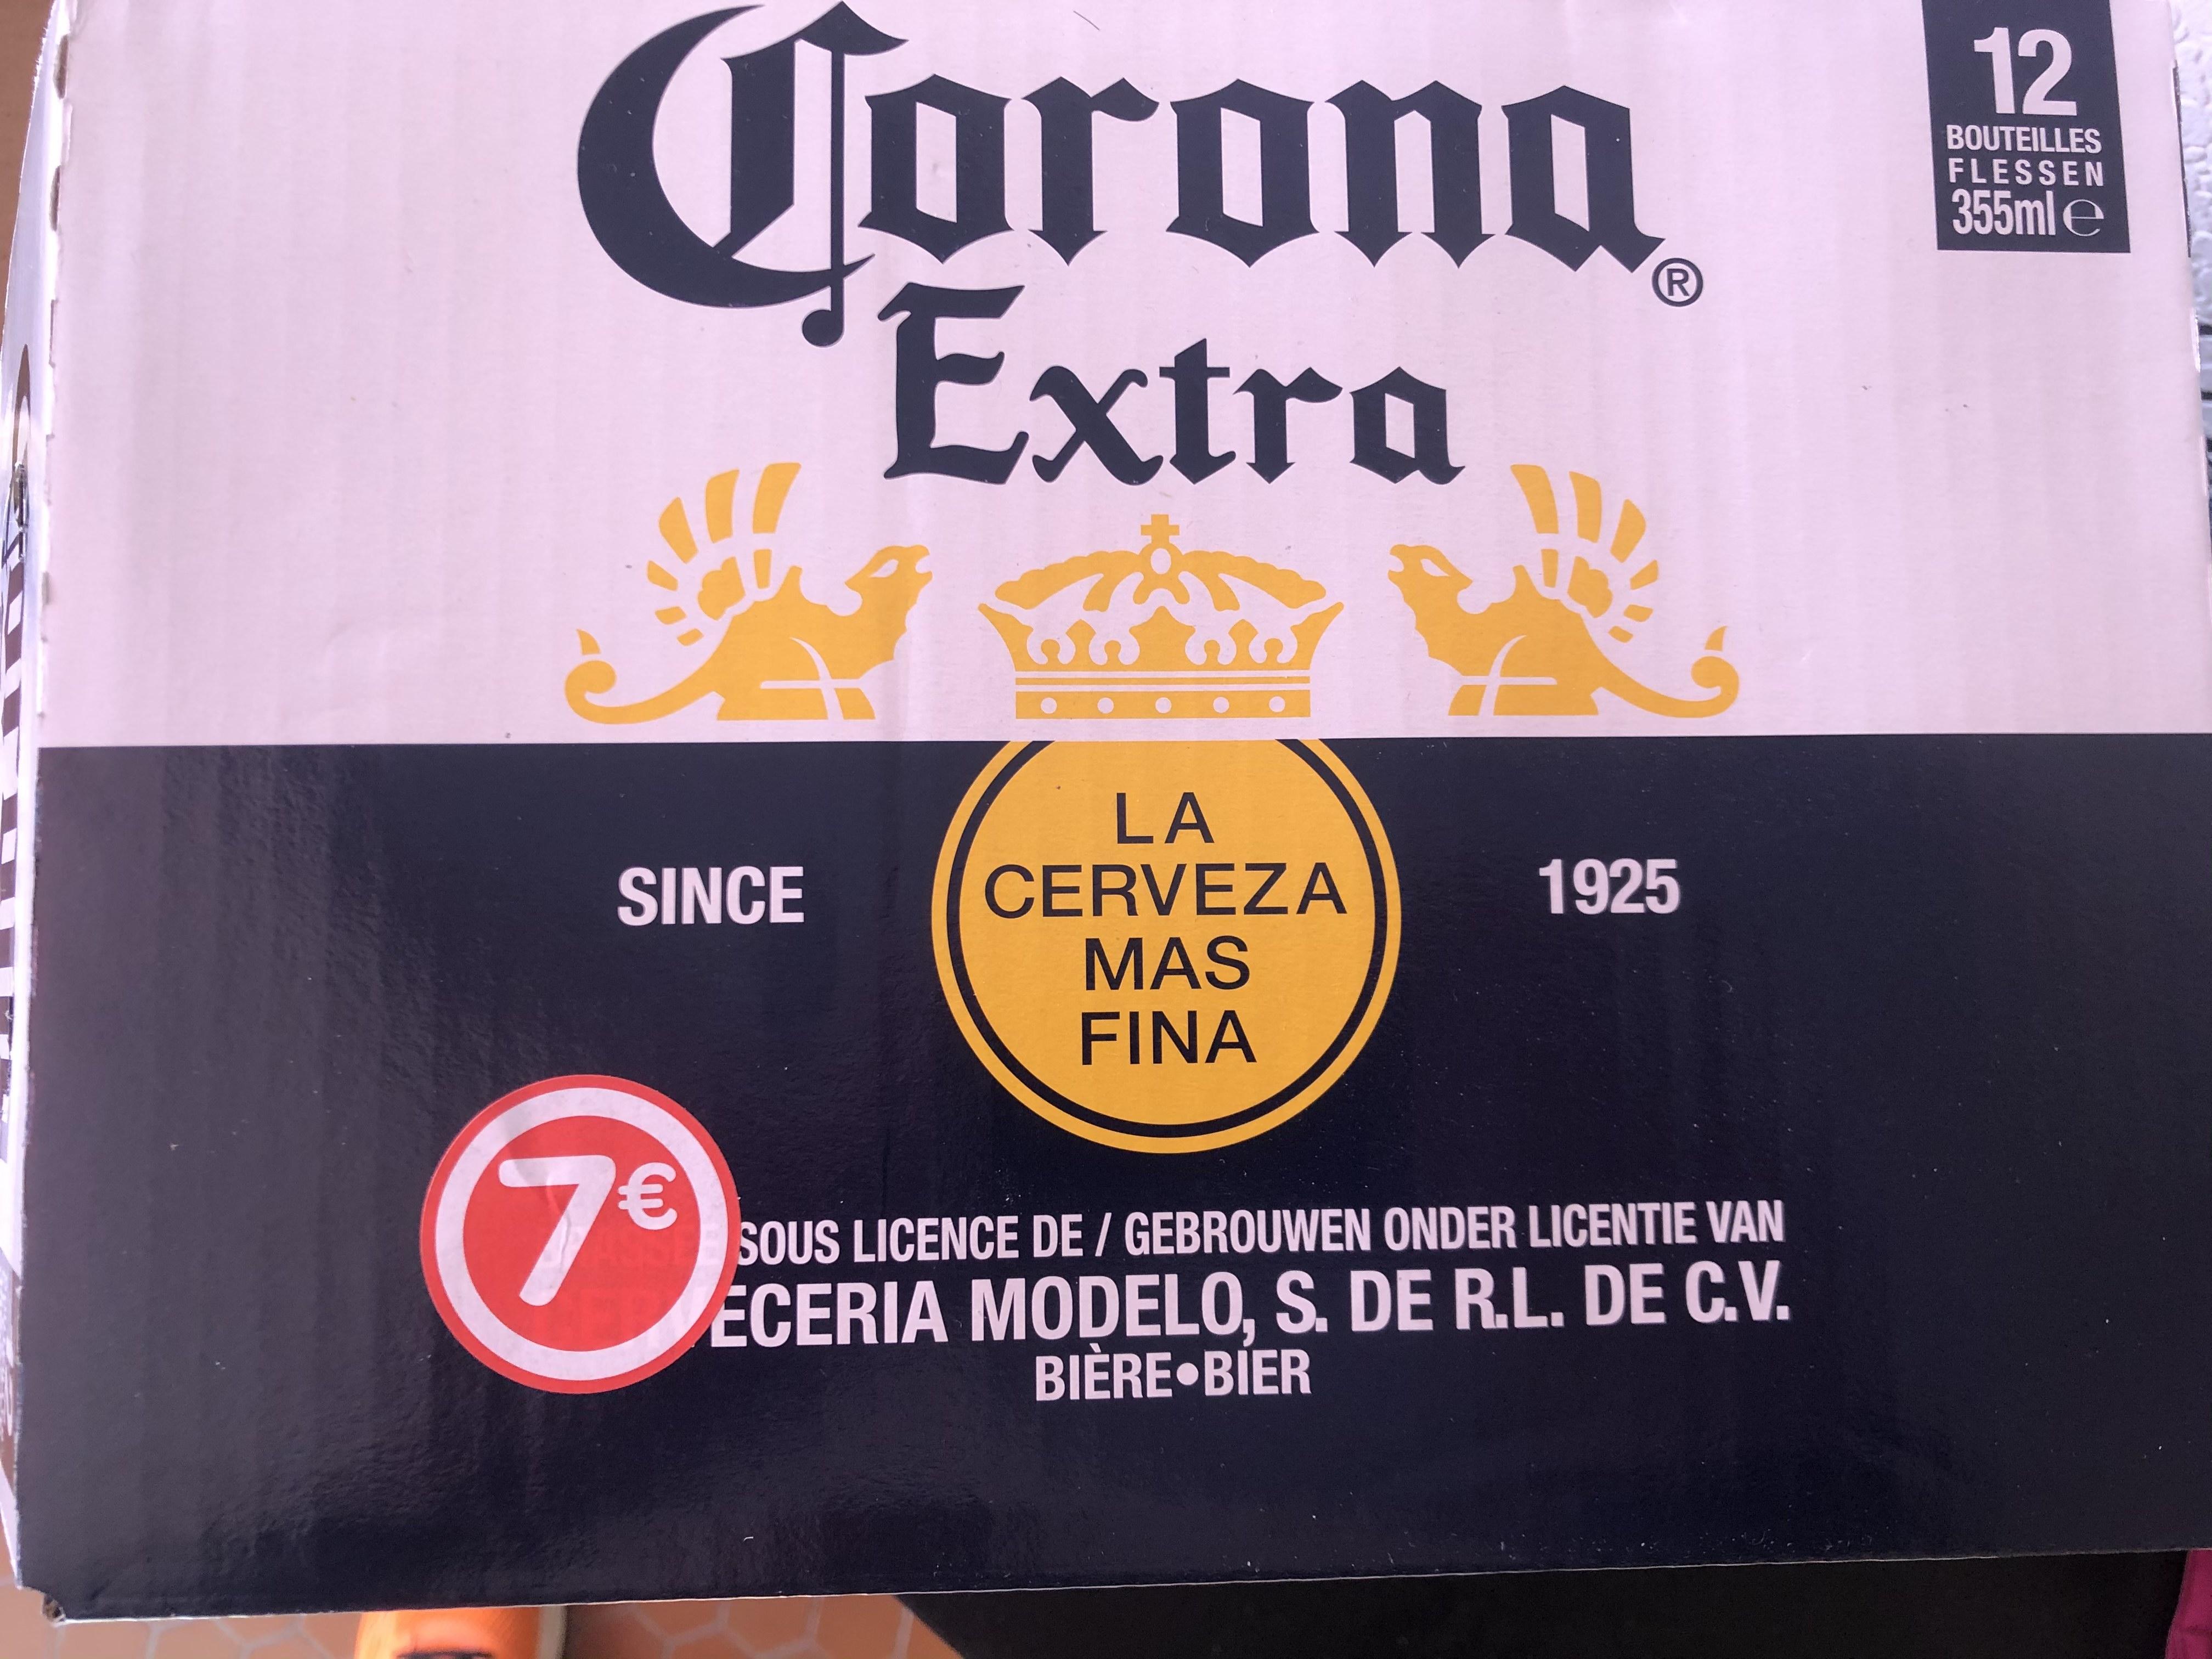 Pack de 12 bières Corona Extra (12x 35cl) - Deauville (14)